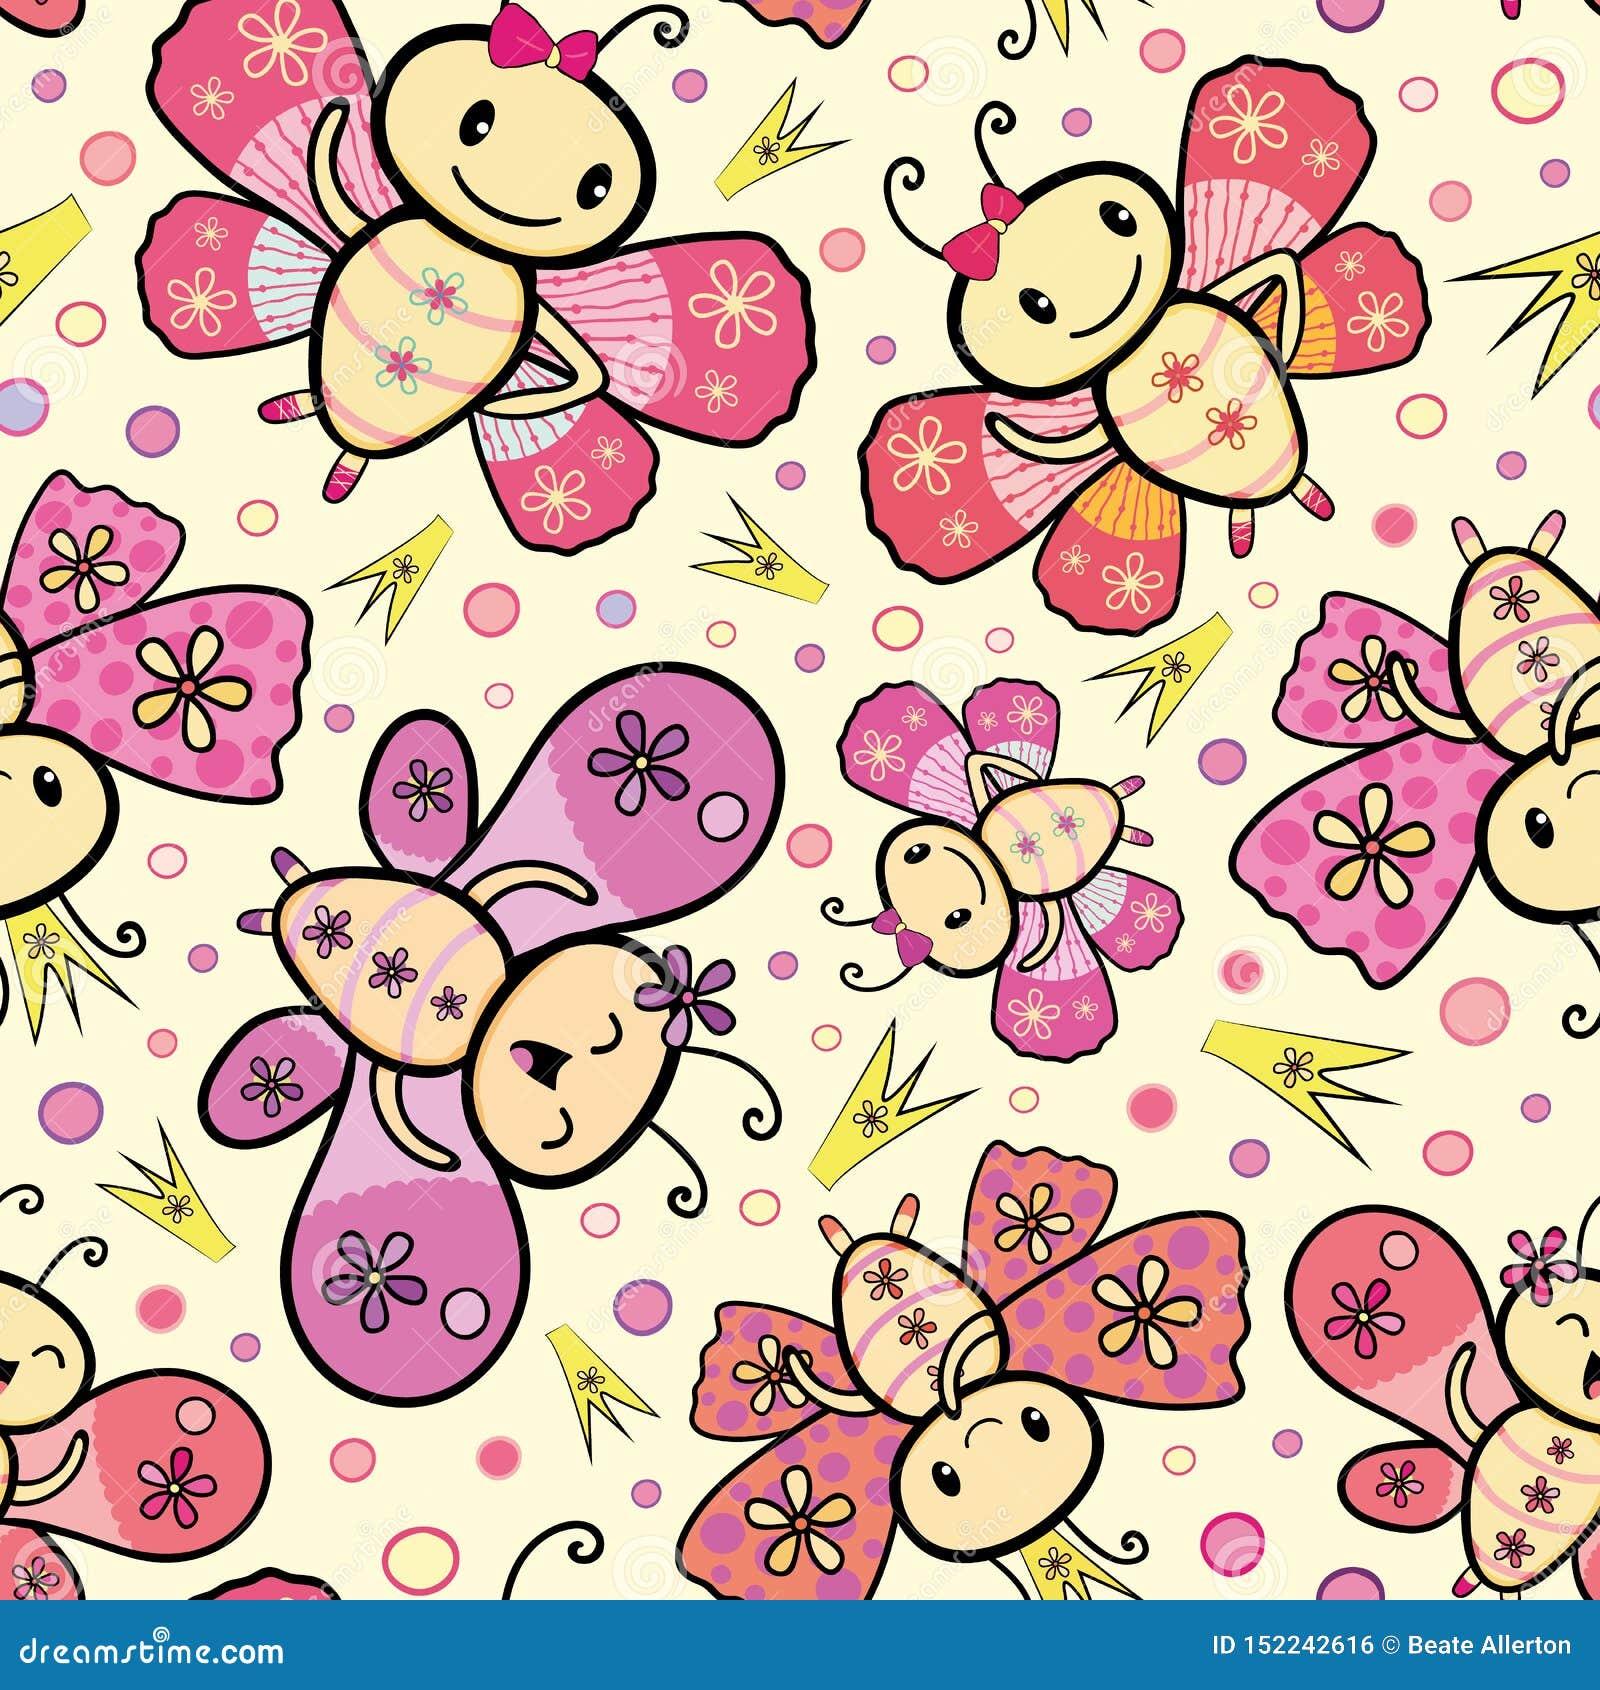 Diseño exhausto de las mariposas del baile del estilo de Kawaii del rosa y de la mano anaranjada con las coronas y los círculos a